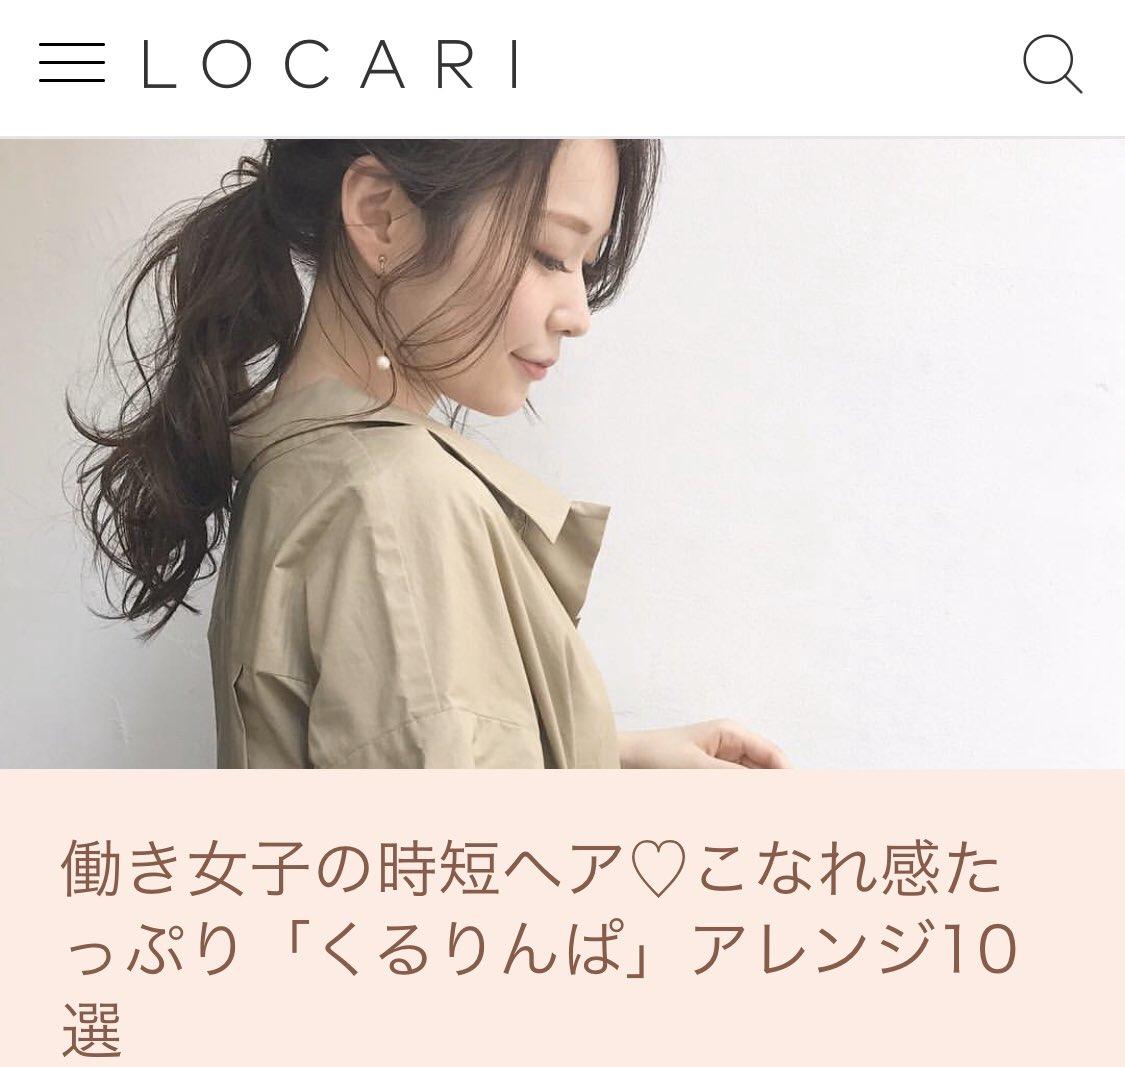 働き女子の時短ヘア♡こなれ感たっぷり「くるりんぱ」アレンジ10選  @locari_jpより#ロカリ #LOCARI #ピックアップ #くるりんぱ #3分ヘアアレンジ